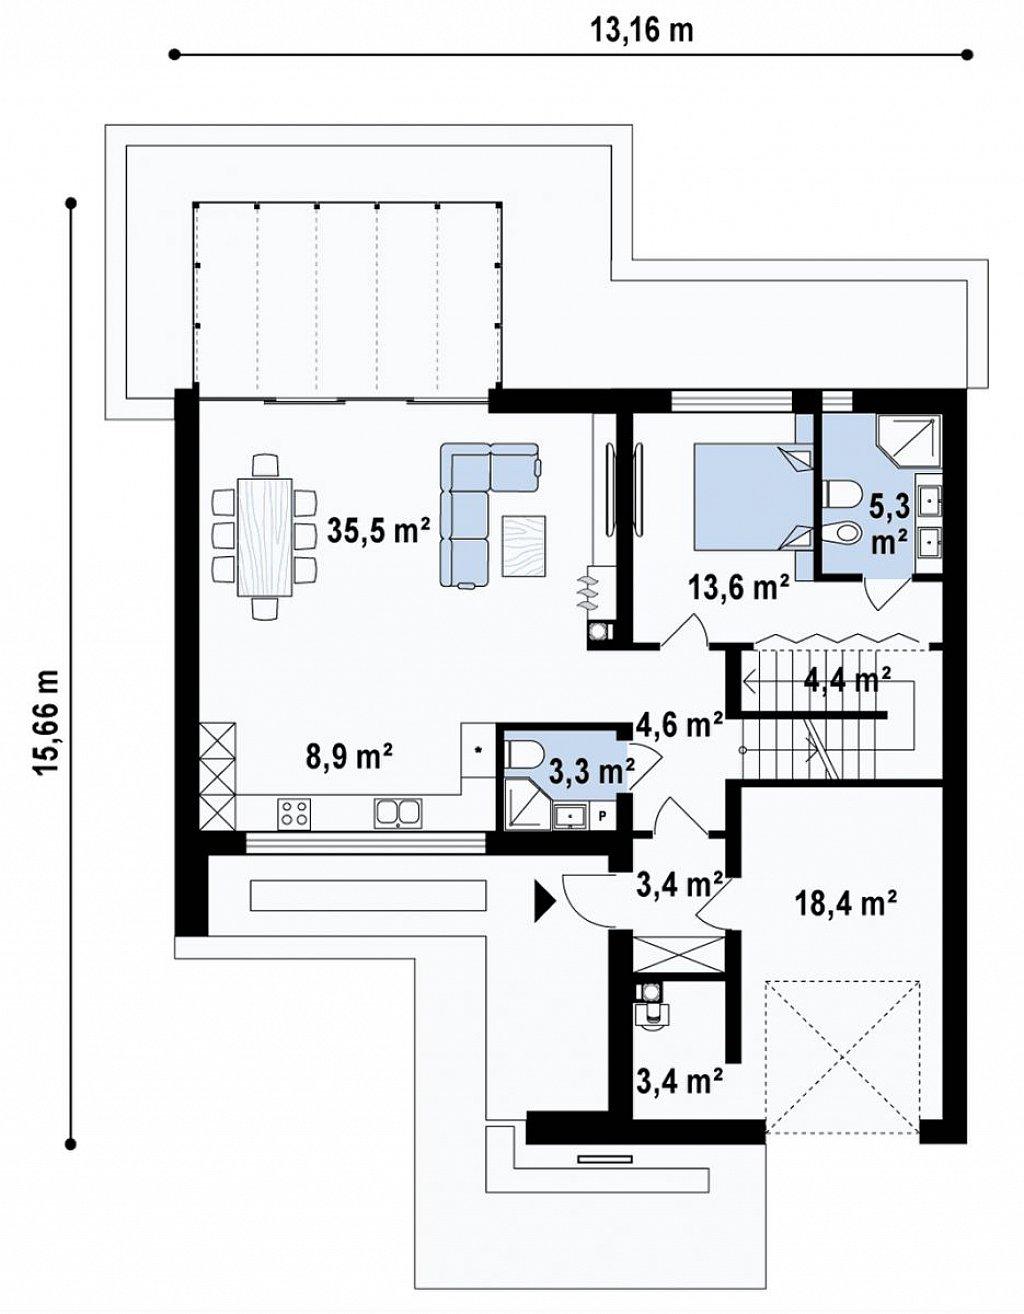 Проект современного двухэтажного дома с оригинальным экстерьером и гаражом на один автомобиль. план помещений 1